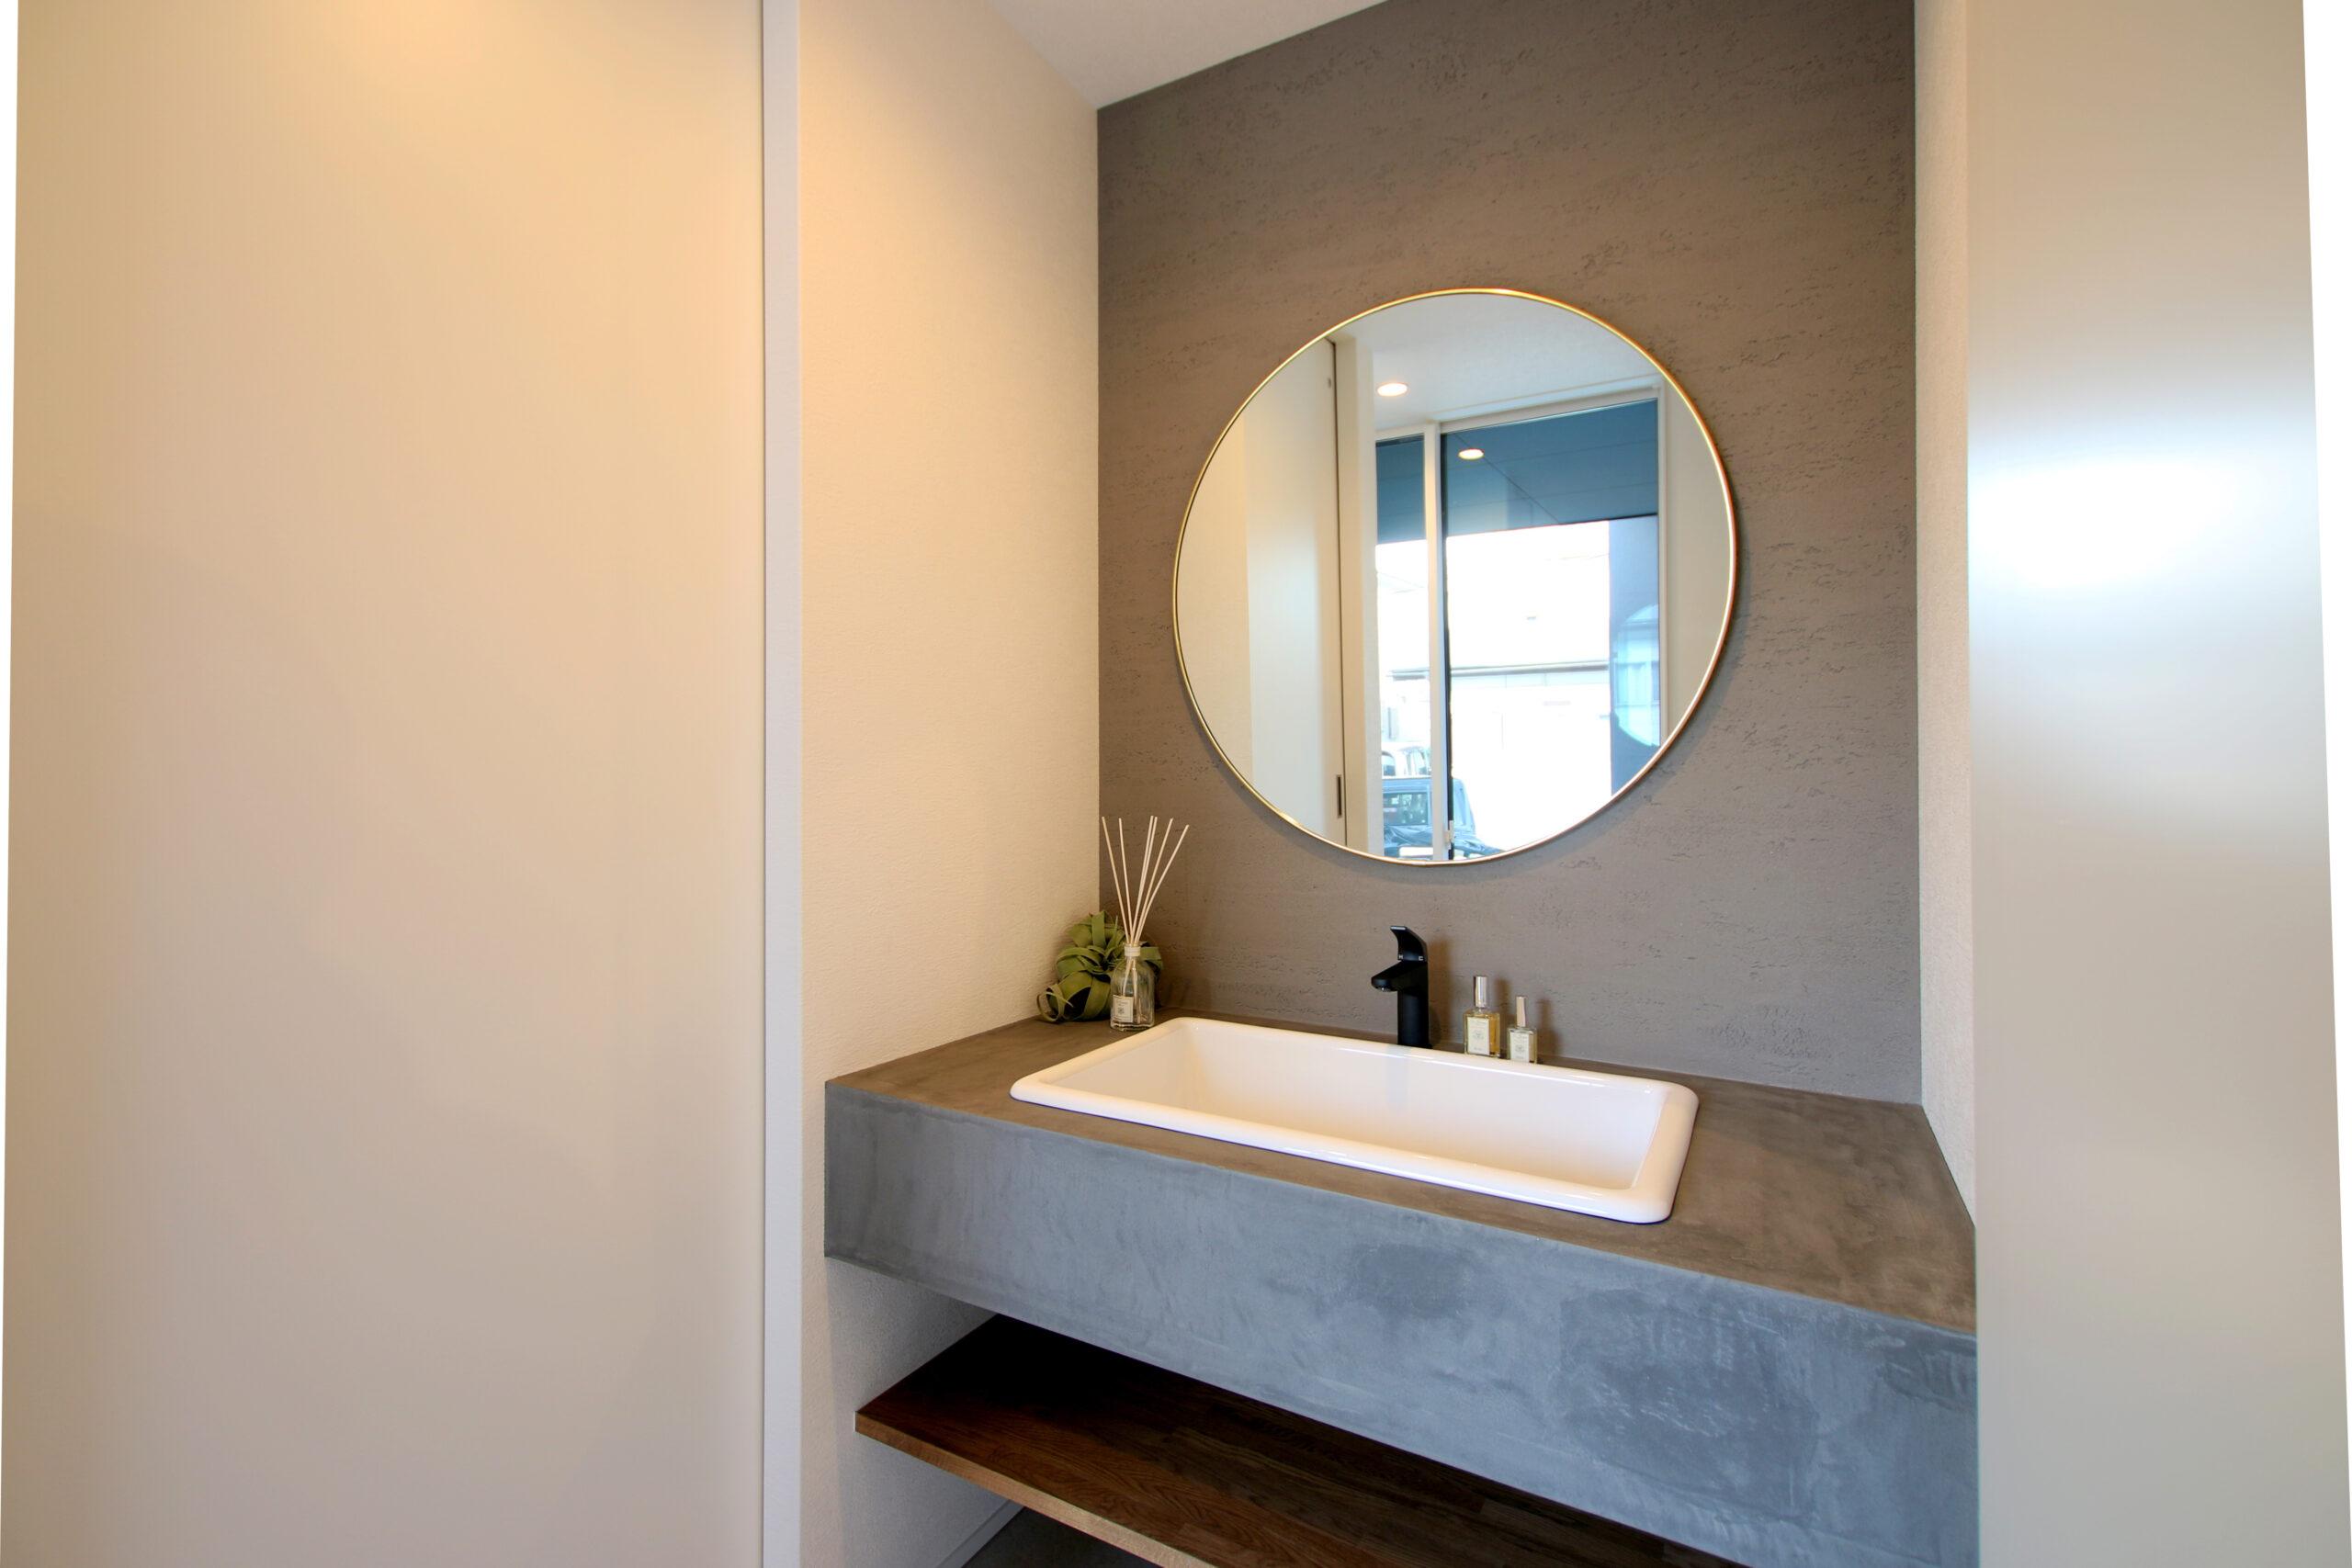 こだわり洗面は丸い鏡で大人っぽい雰囲気に仕上げました。